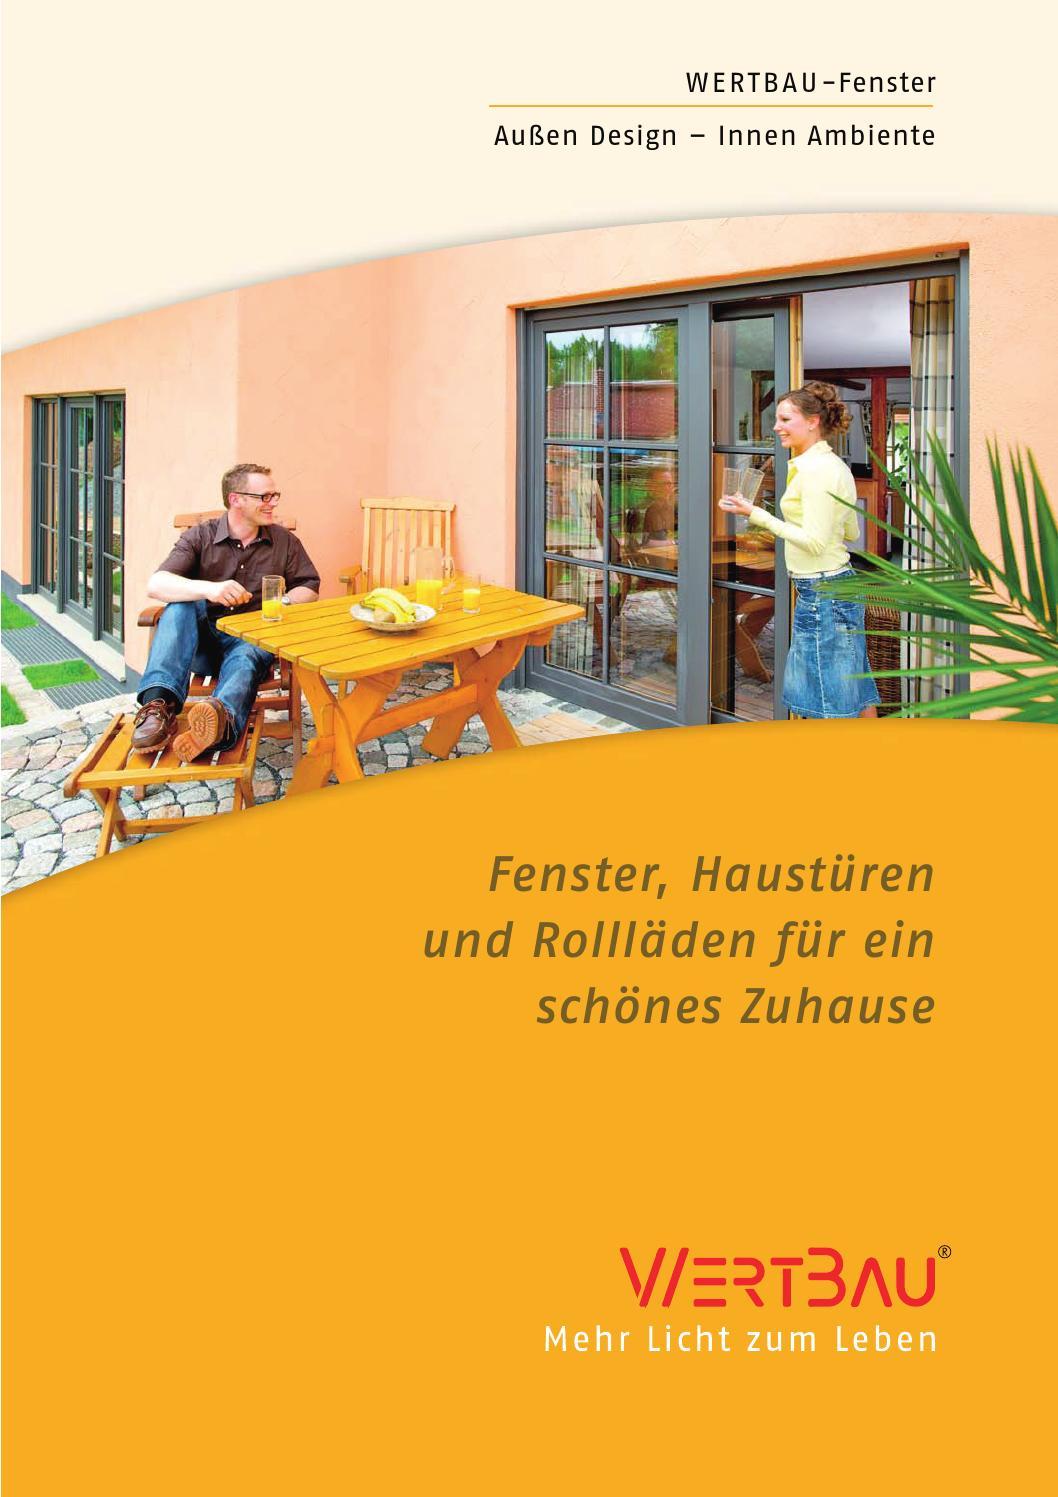 Wertbau fenster by Kaiser Design - issuu